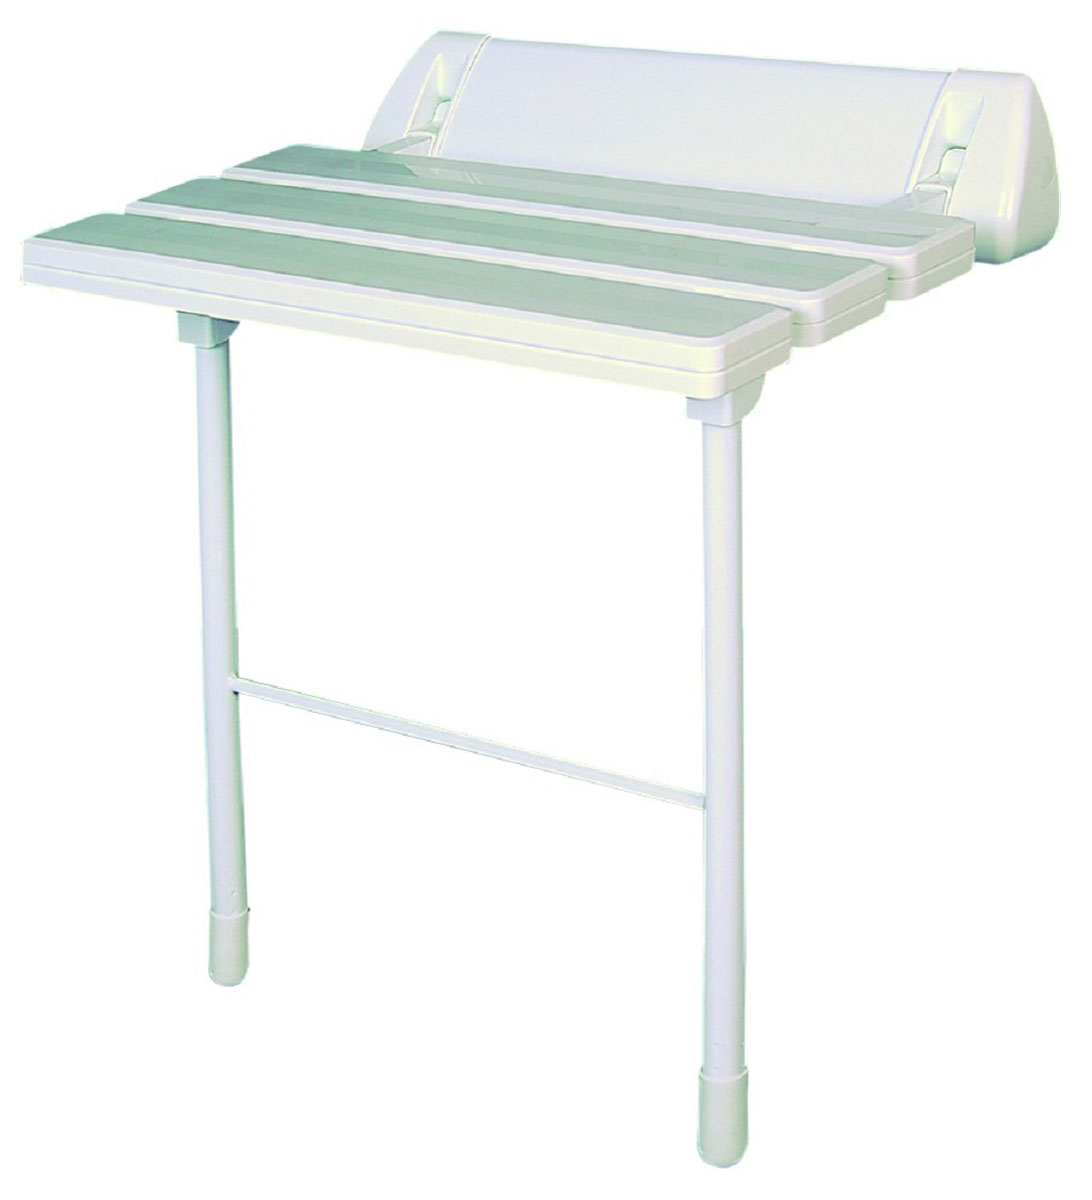 Сиденье в ванну Ridder, цвет: белый. А002030168/5/1Высококачественное немецкое сиденье для ванны разработано и запатентовано компанией Ridder. Данное изделие имеет откидной механизм. Посадочная часть состоит из рифленых реек, не впитывающих влагу. Ножки регулируются по высоте - 460 - 485 мм. Длина сидения - 510 мм. Глубина сидения - 230 мм. Максимальная нагрузка - 250 кг. Состав: каркас - алюминий, сиденье - пластик. В комплект входят саморезы+дюбели и инструкция.